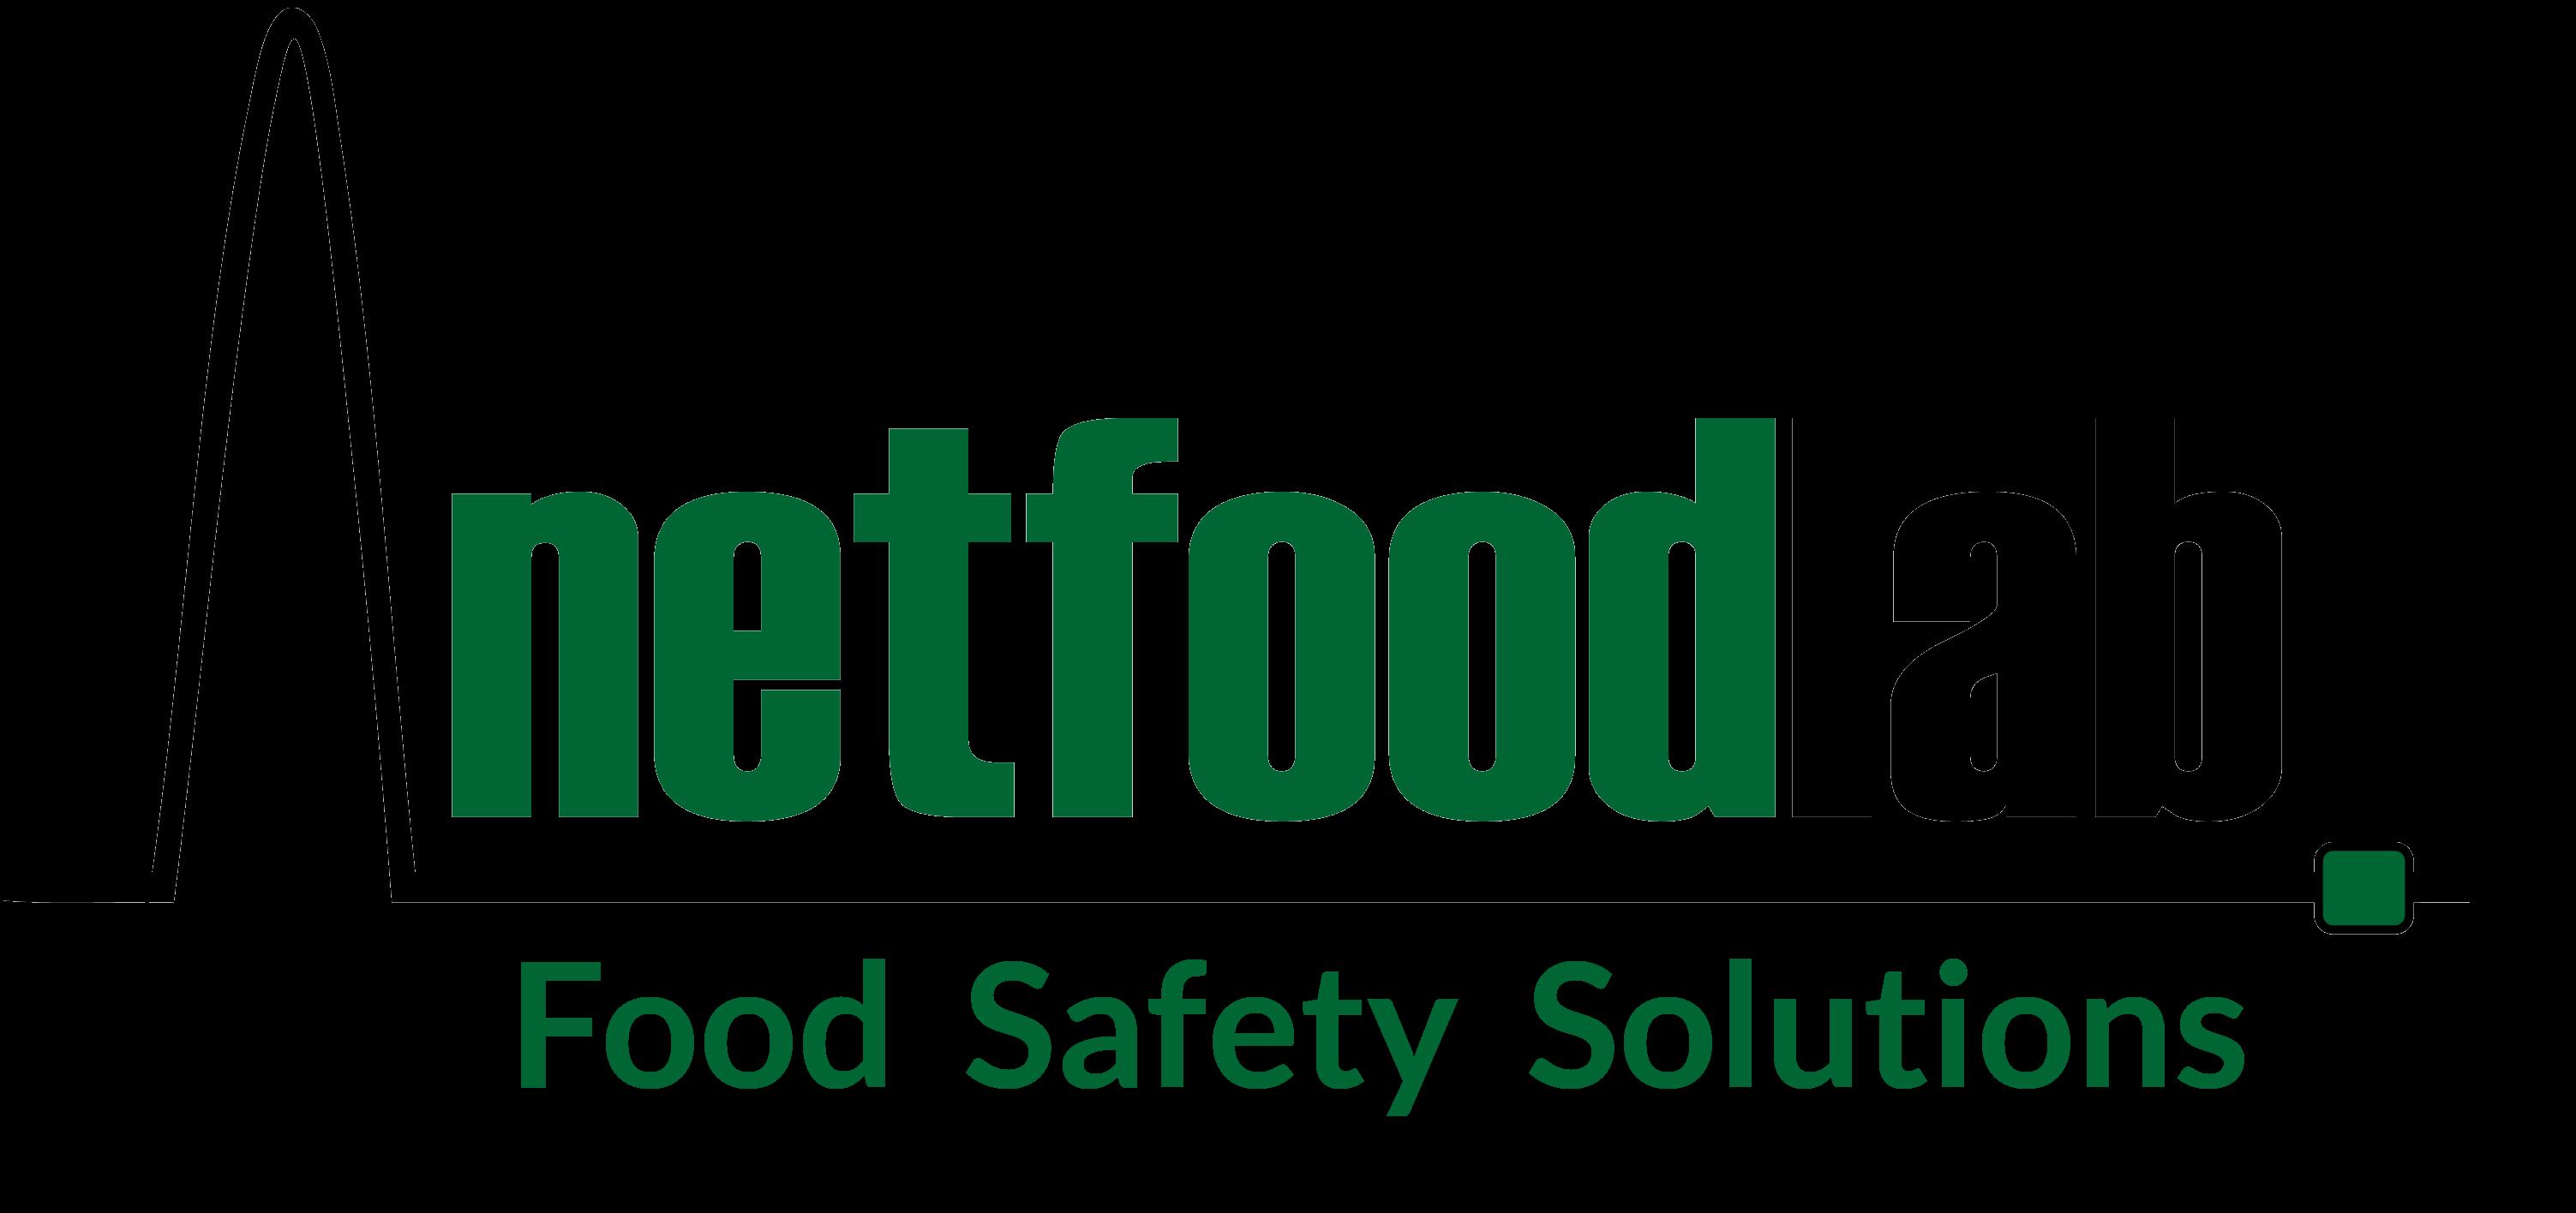 Net-Foodlab Oy logo